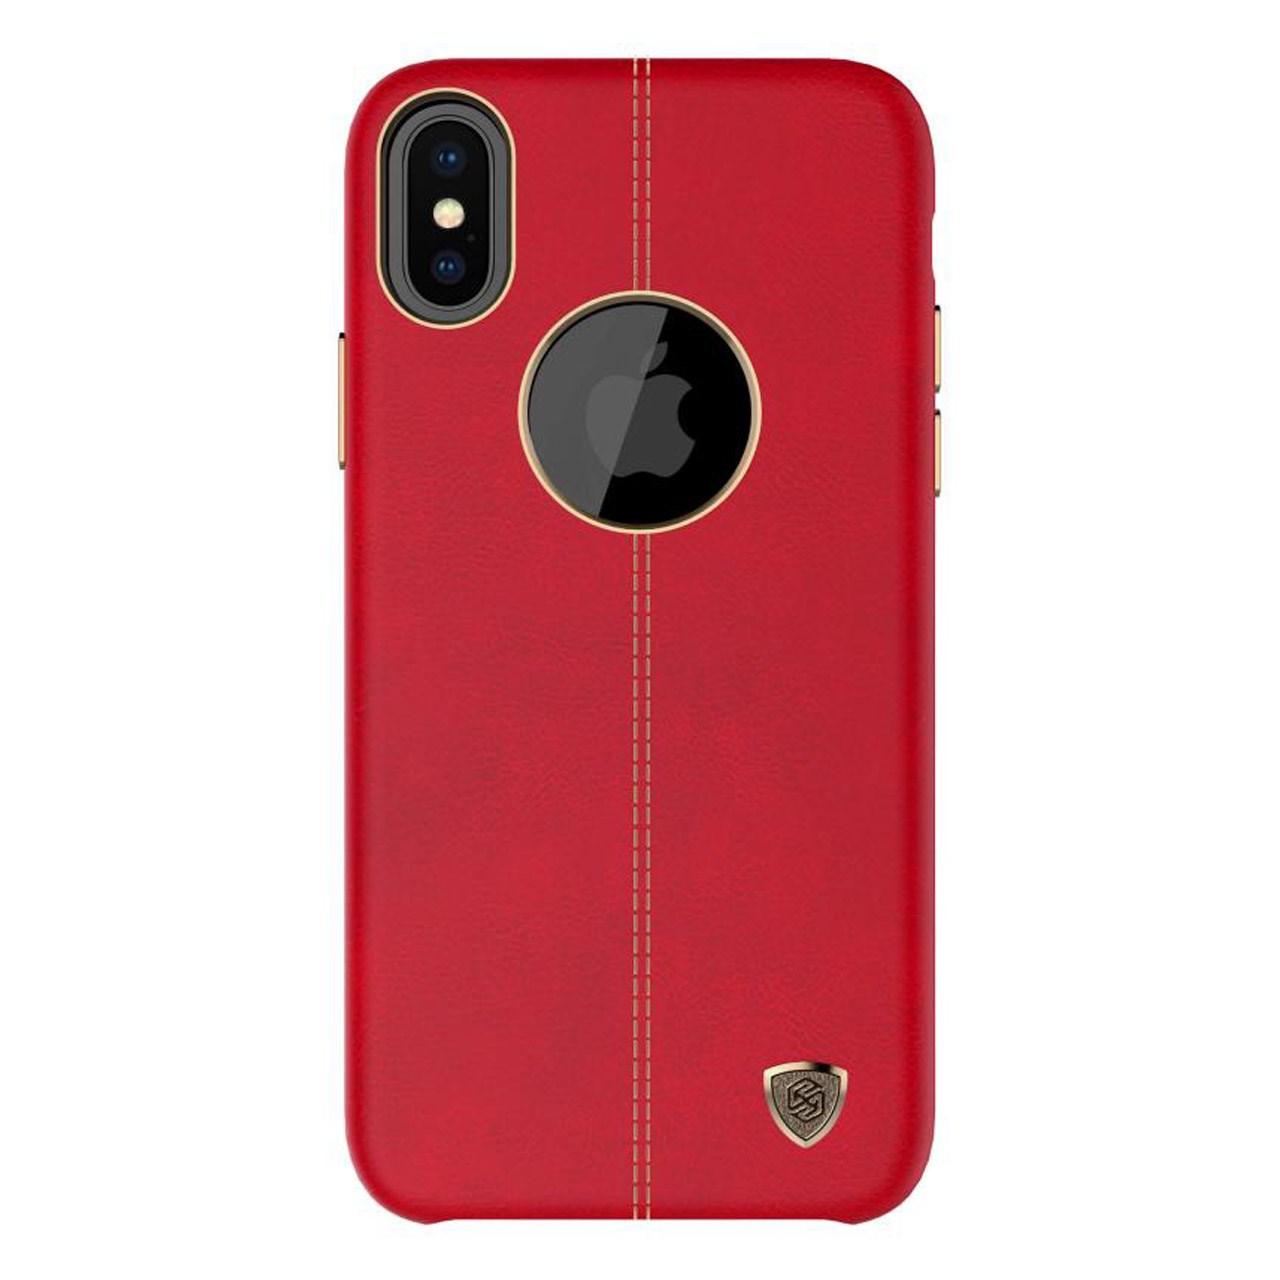 کاور نیلکین مدل Englon Leather مناسب برای گوشی موبایل اپل آیفون X